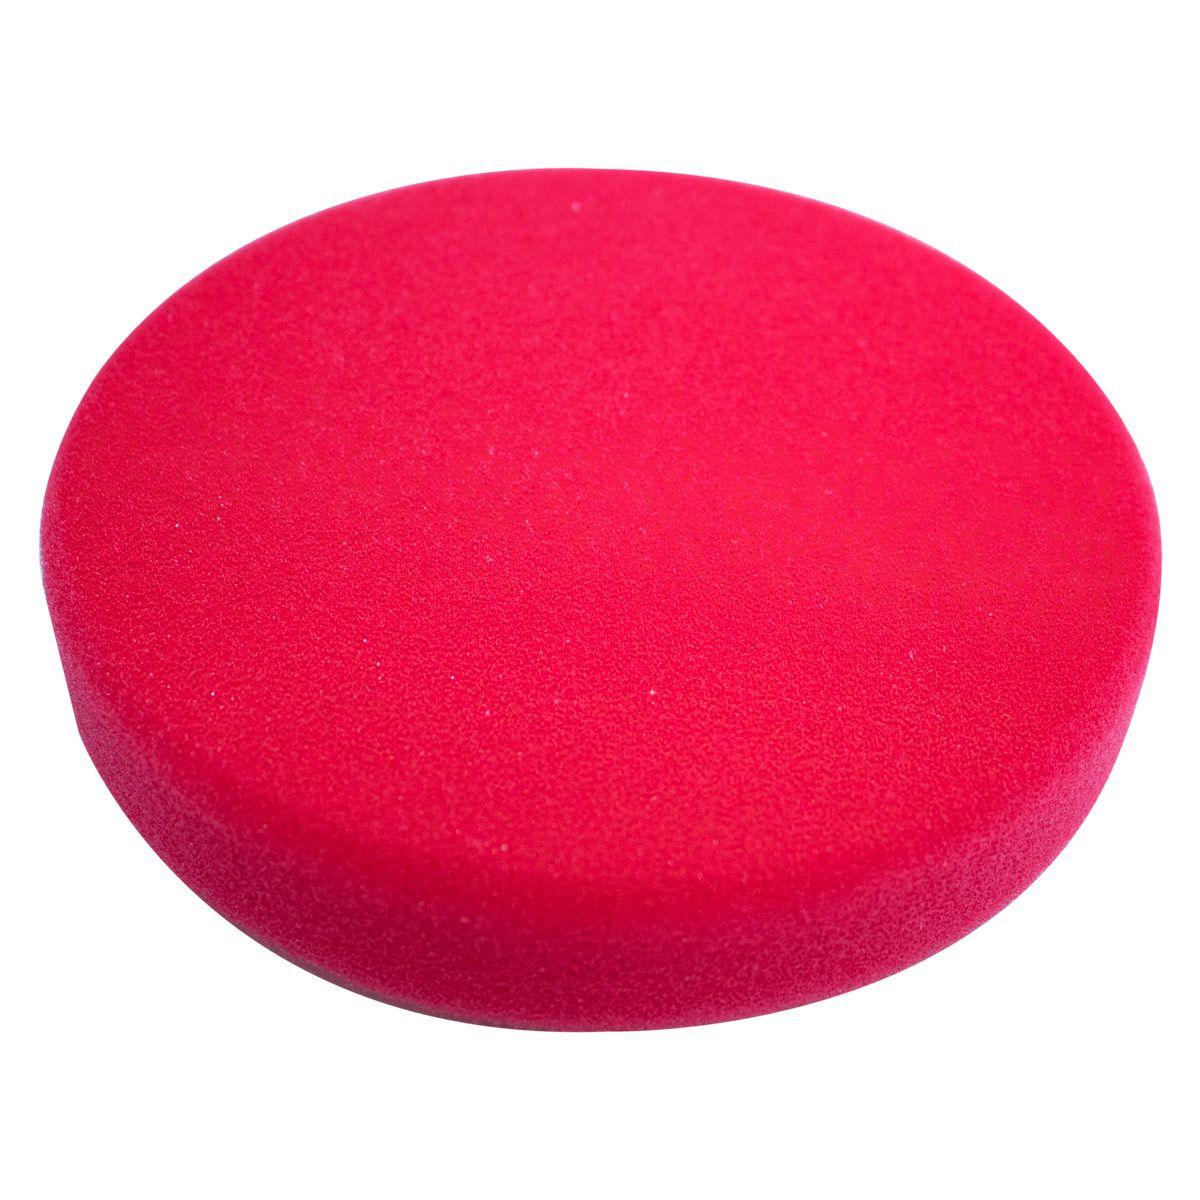 Boina de Espuma Vermelha Corte 160mm Sonax Etapa Corte